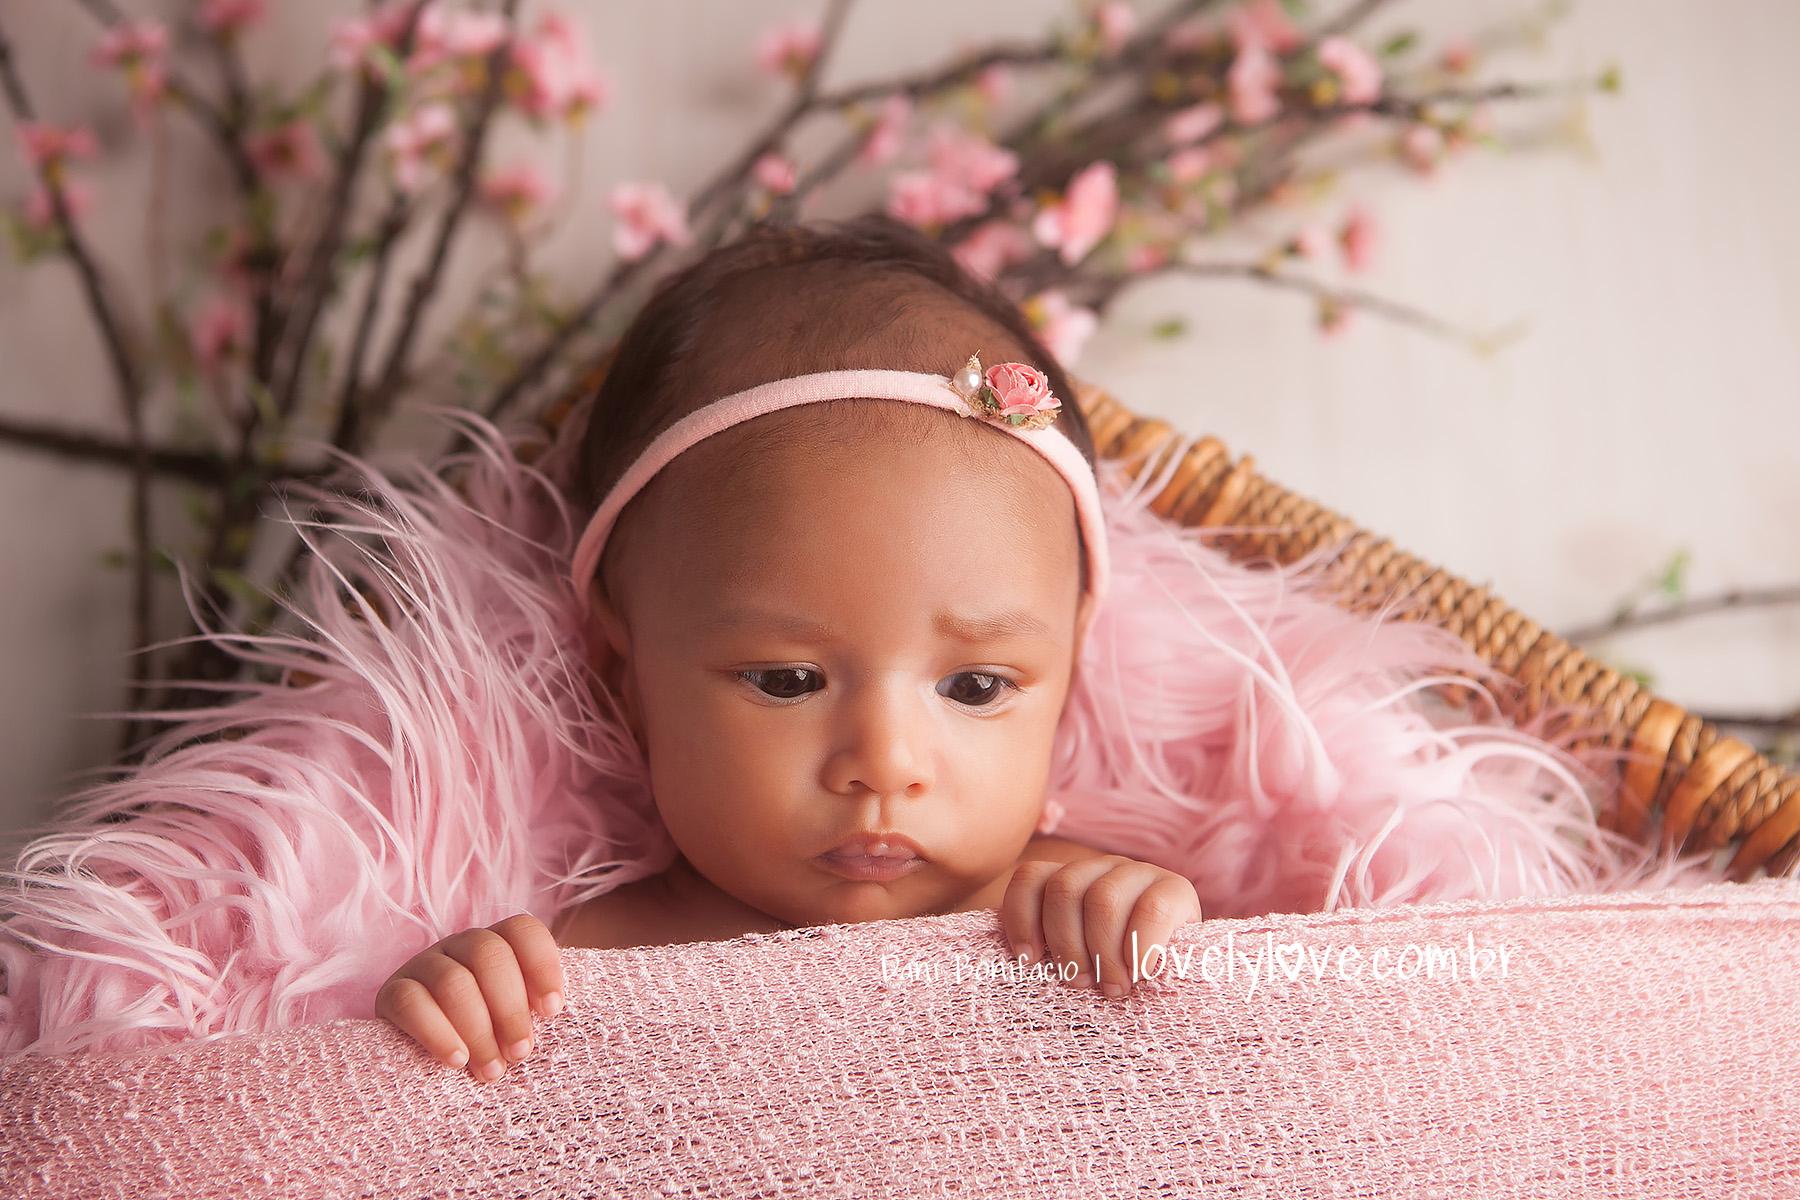 danibonifacio-lovelylove-acompanhamentobebe-fotografa-gravida-gestante-newborn4